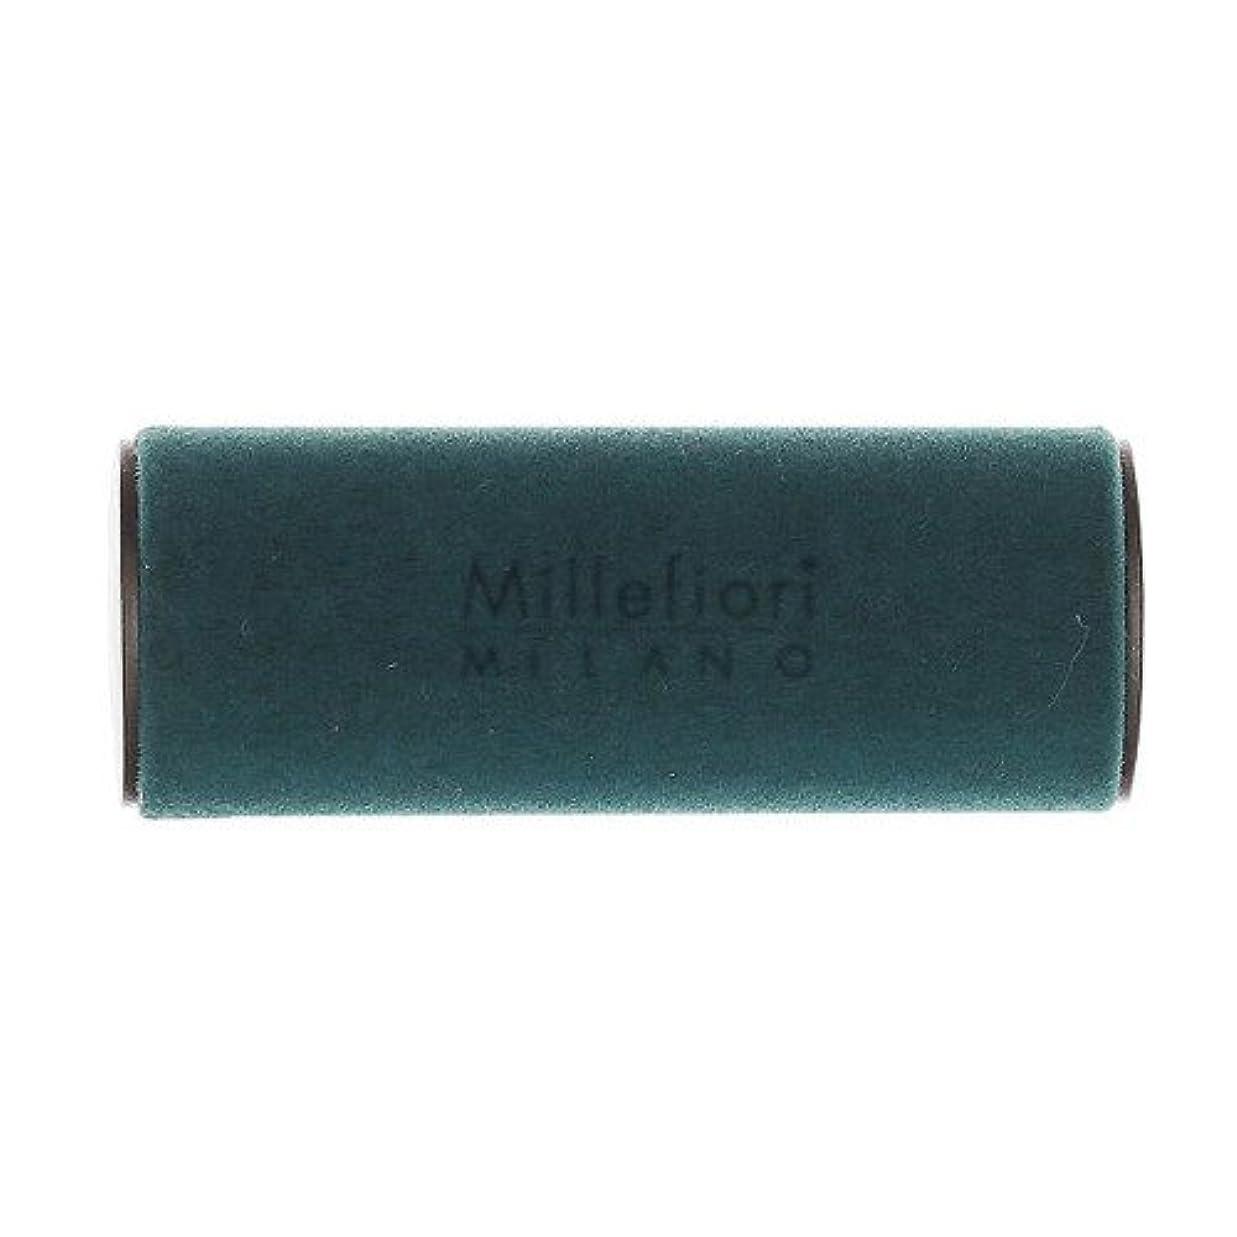 先史時代の感じ件名Millefiori MILANO ミッレフィオーリ カーエアフレッシュナー VELLUTO ヴェルート (スパイシーウッド) 1個